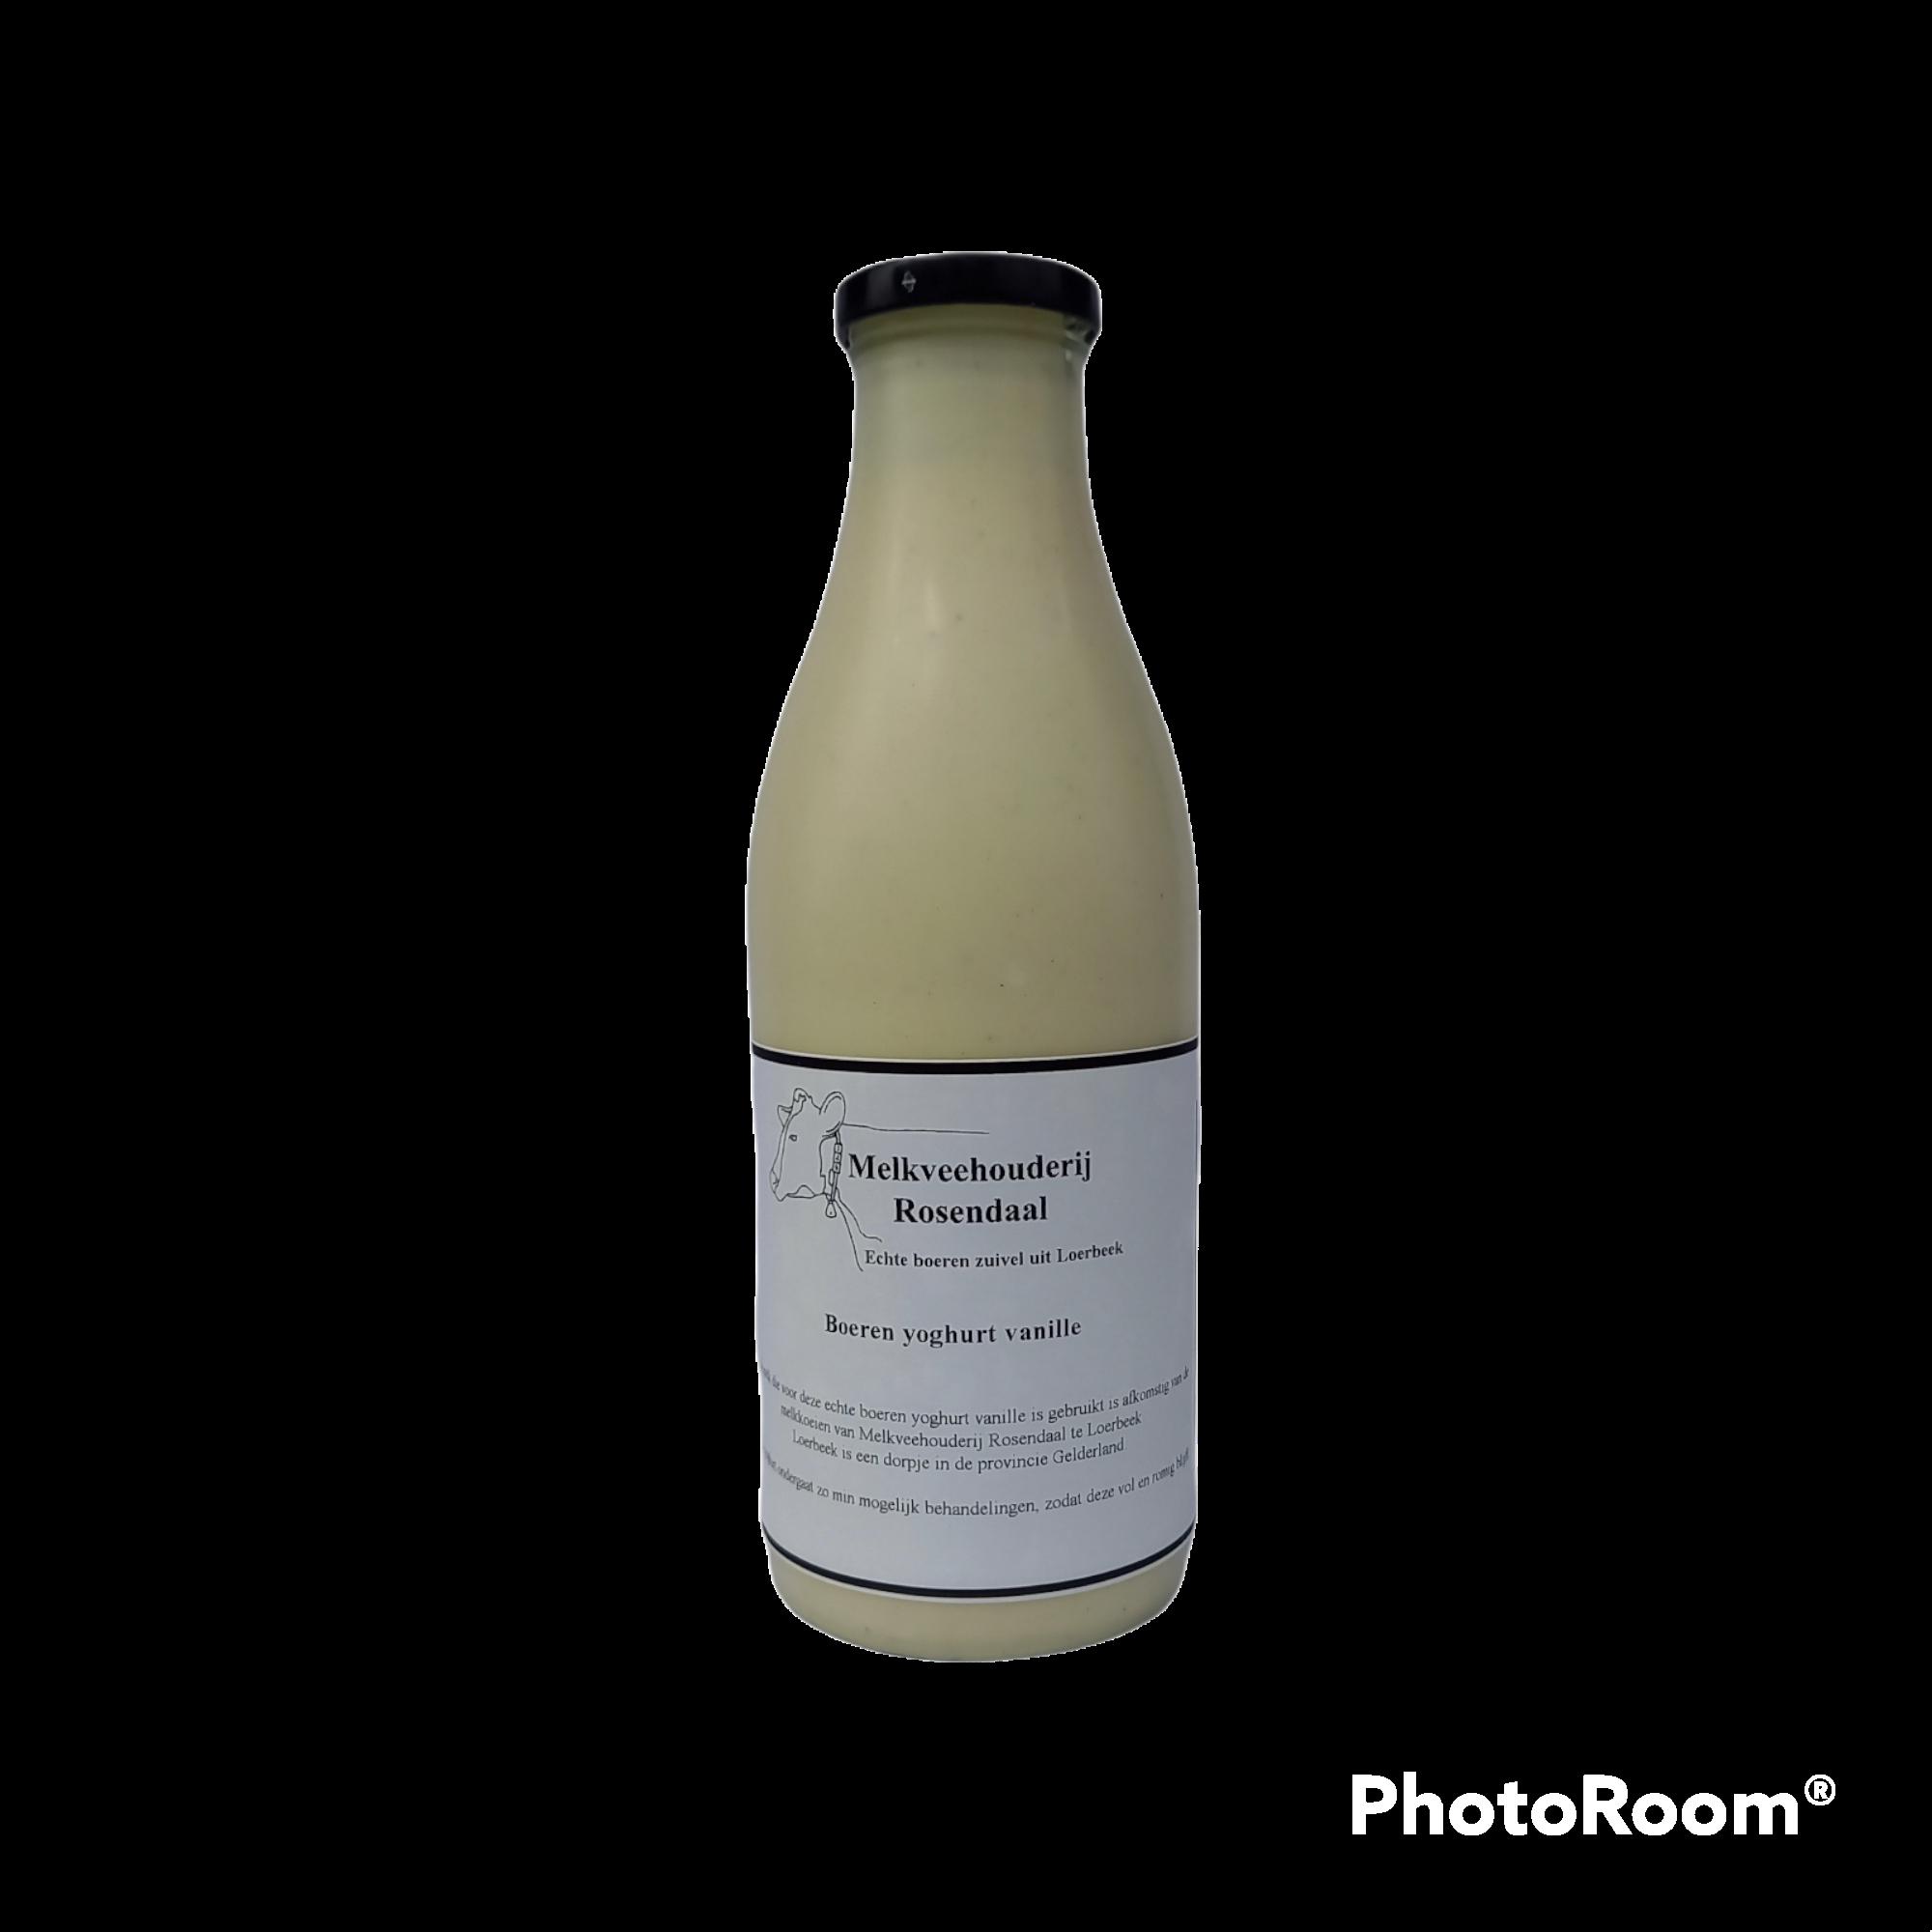 Boeren yoghurt vanille groot 2